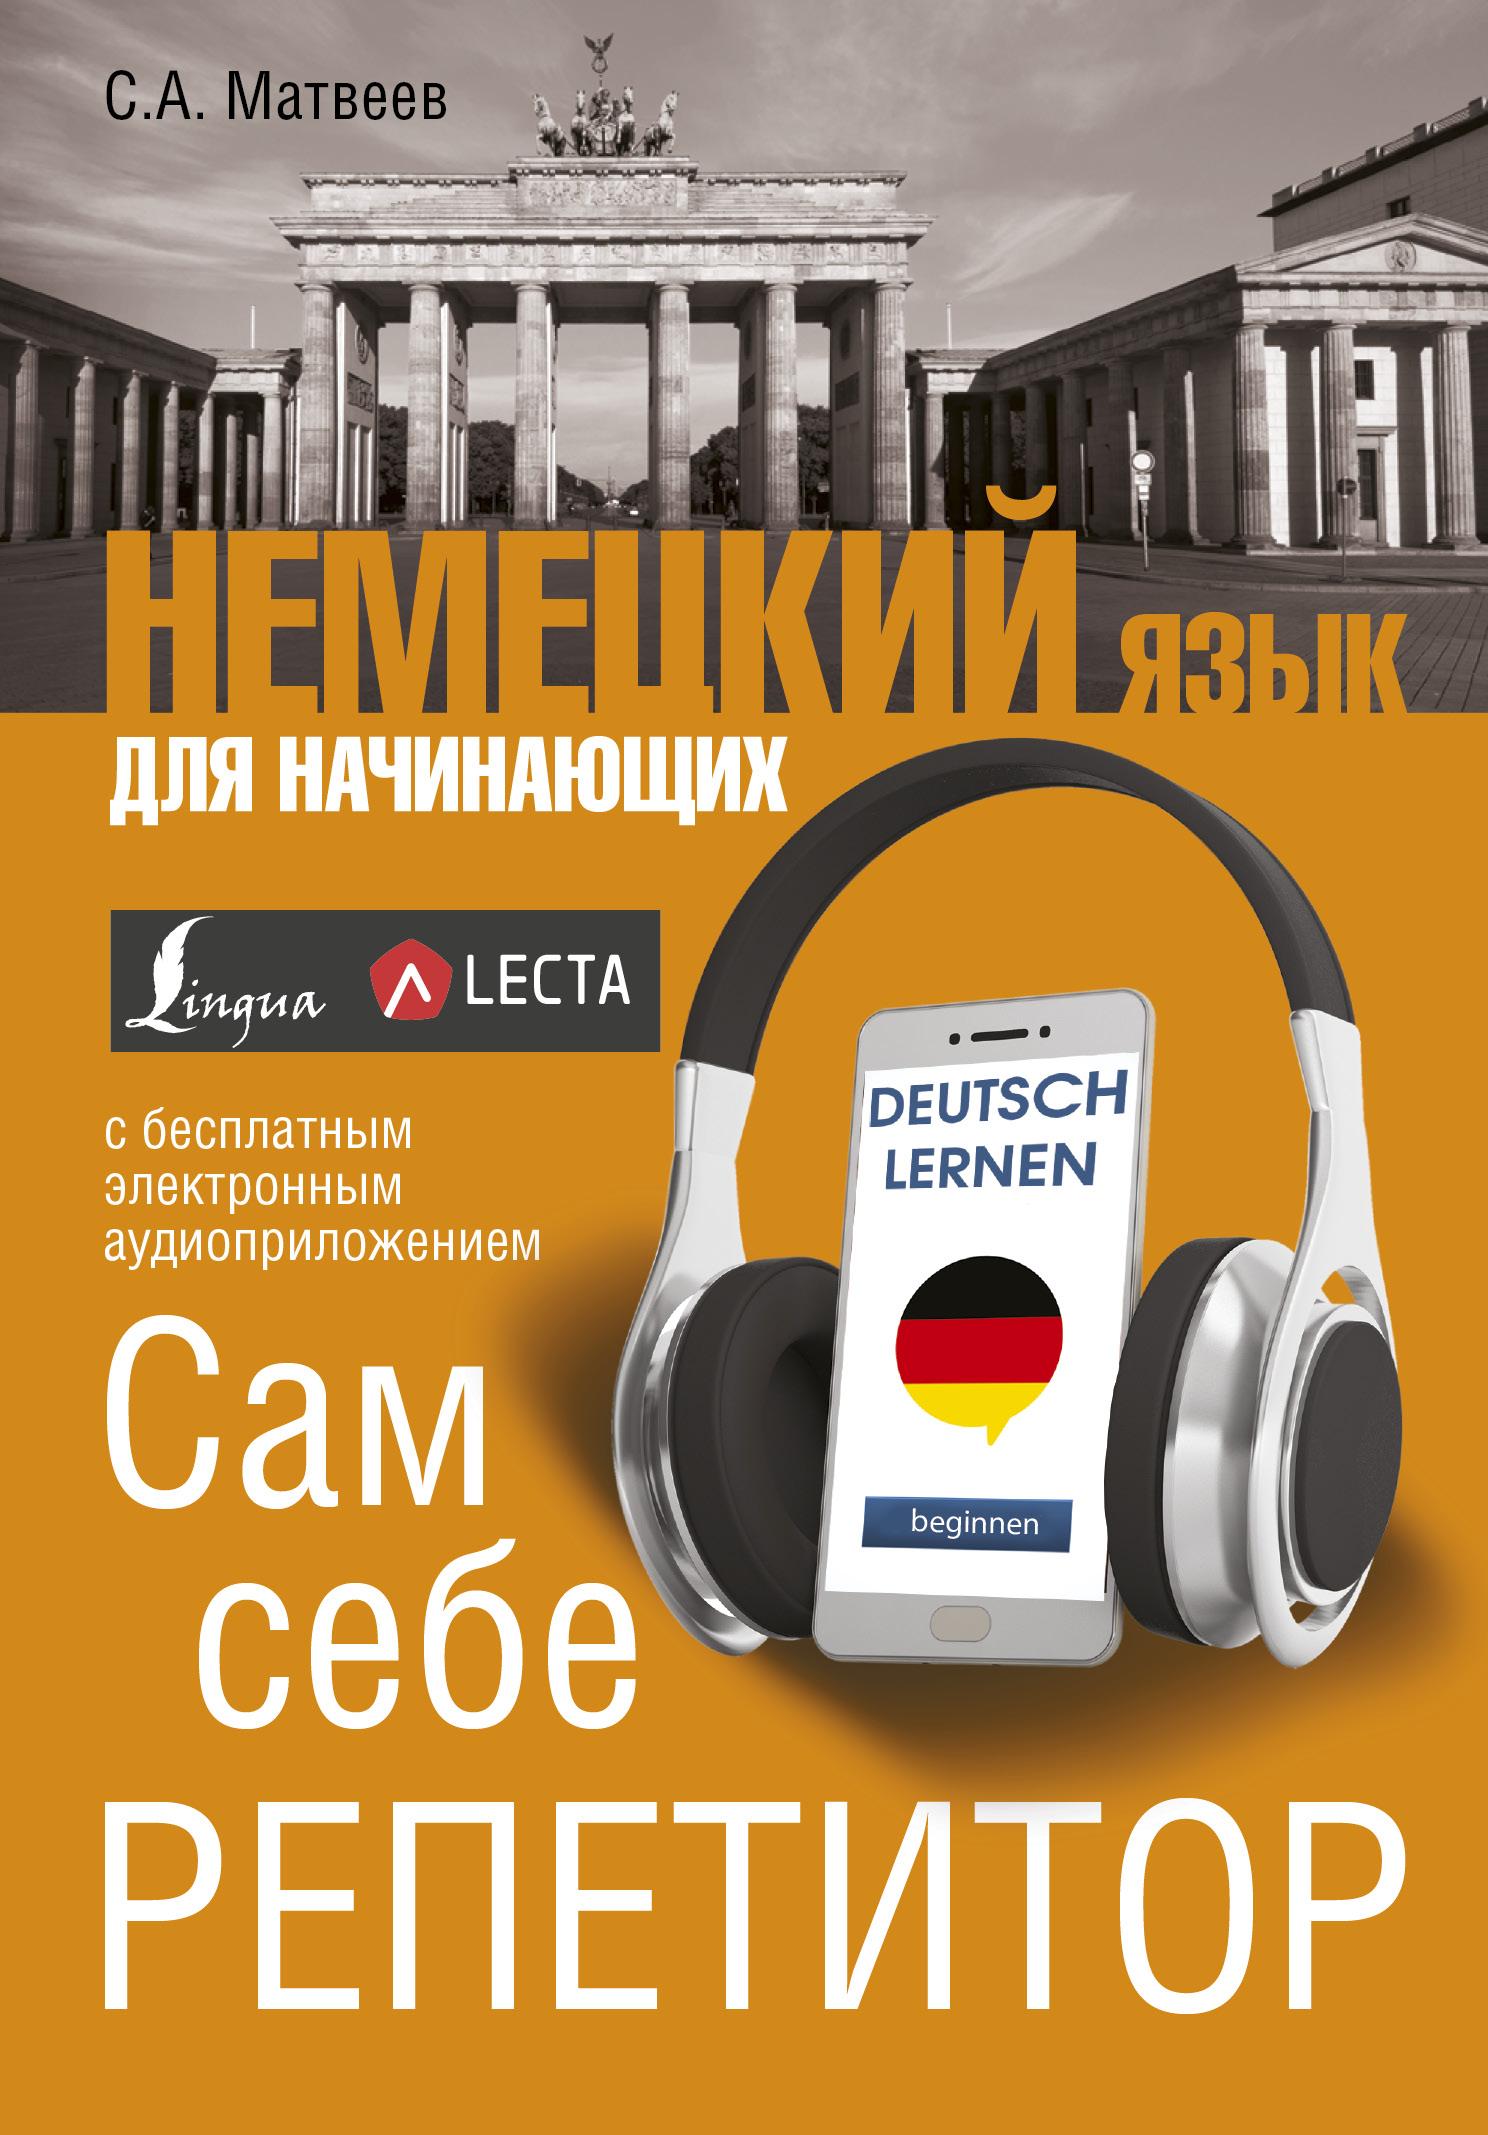 Матвеев С.А. Немецкий язык для начинающих. Сам себе репетитор + LECTA с а матвеев немецкий язык для начинающих сам себе репетитор аудиоприложение lecta